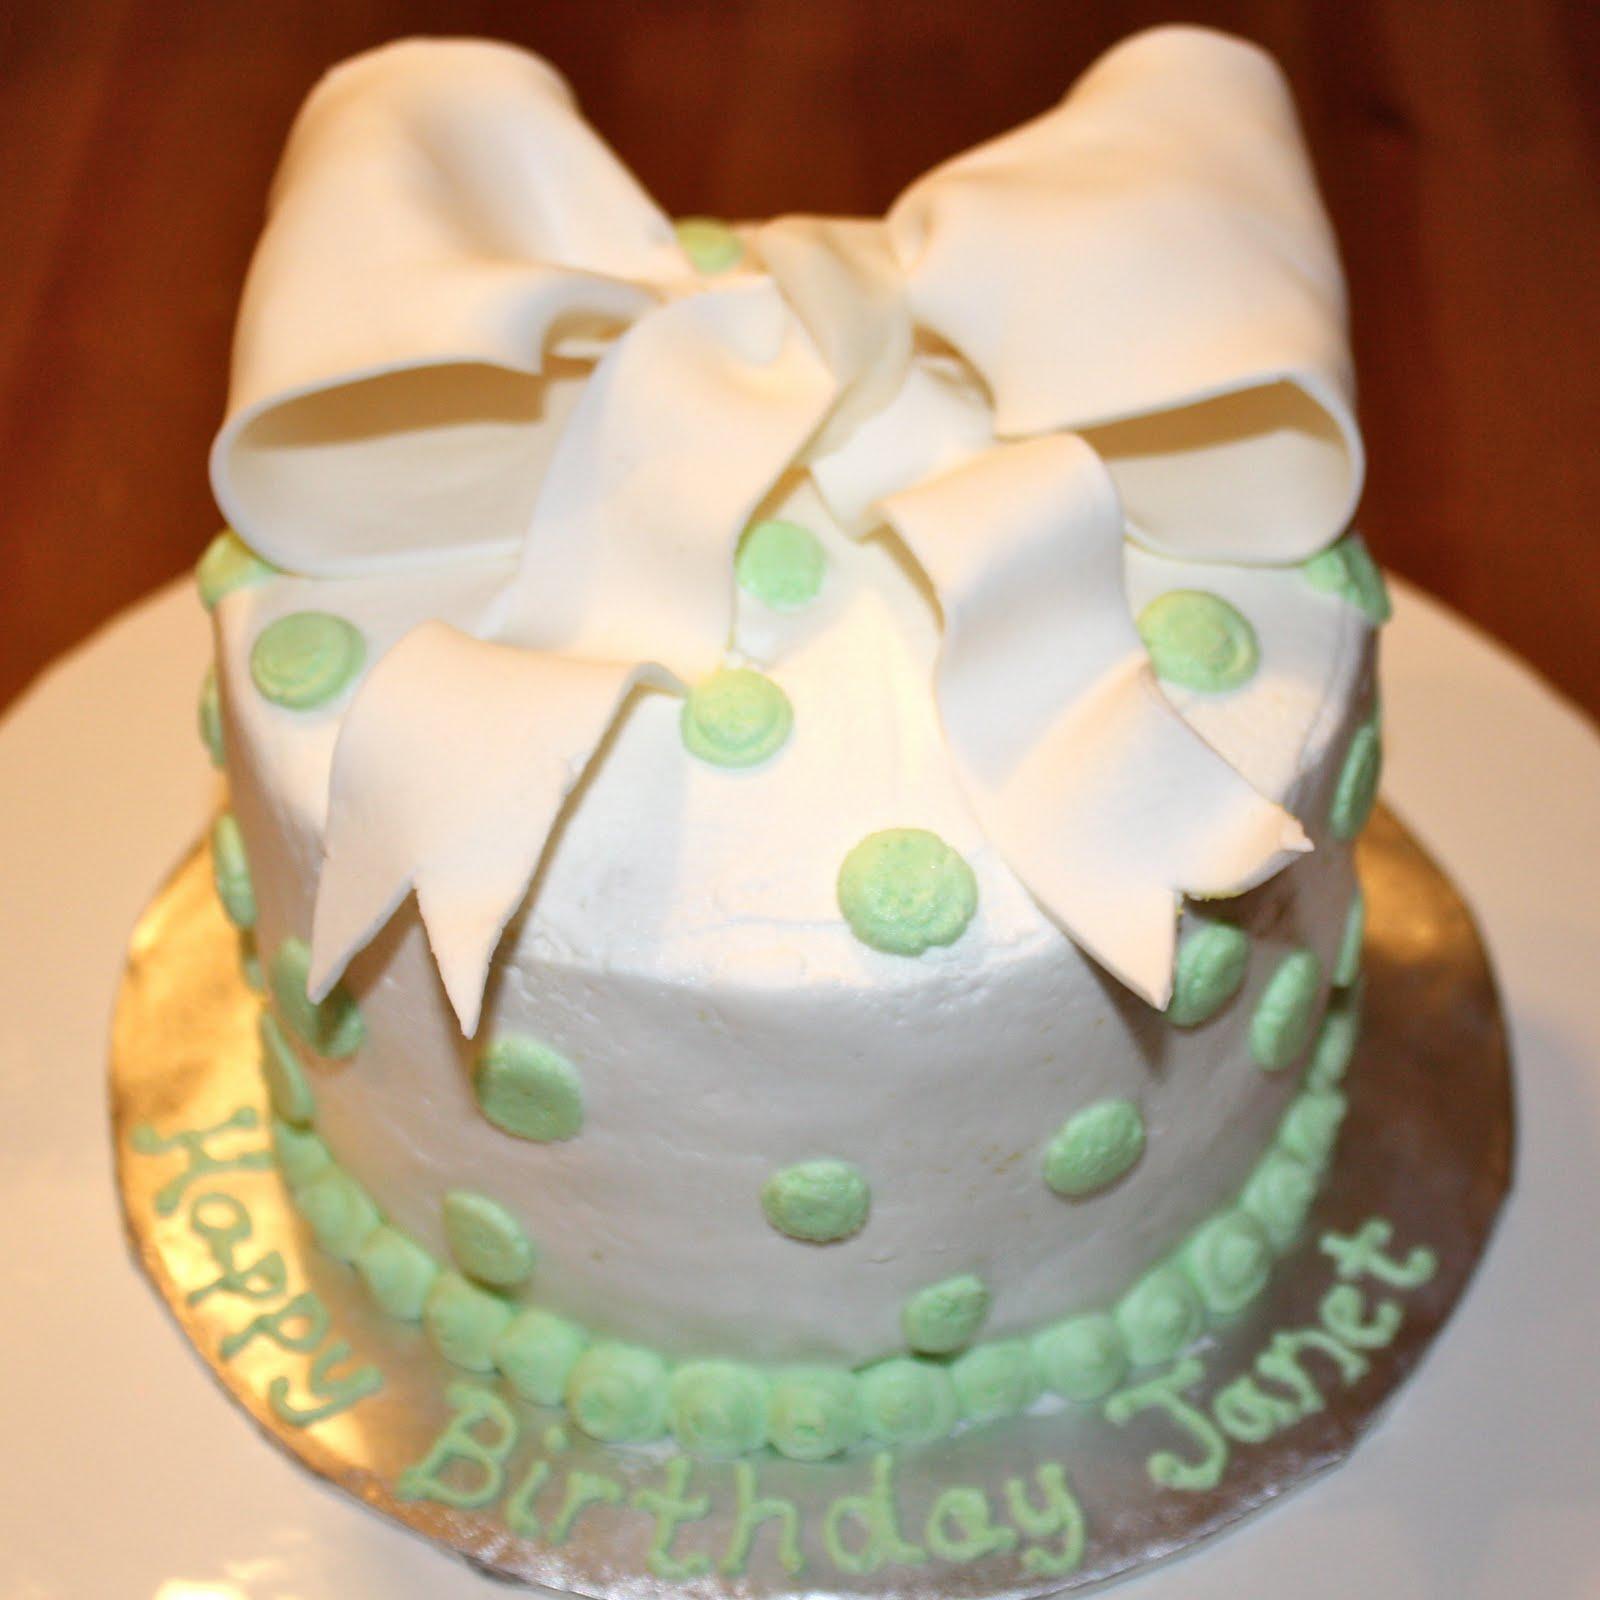 Kake Happy Birthday Janet